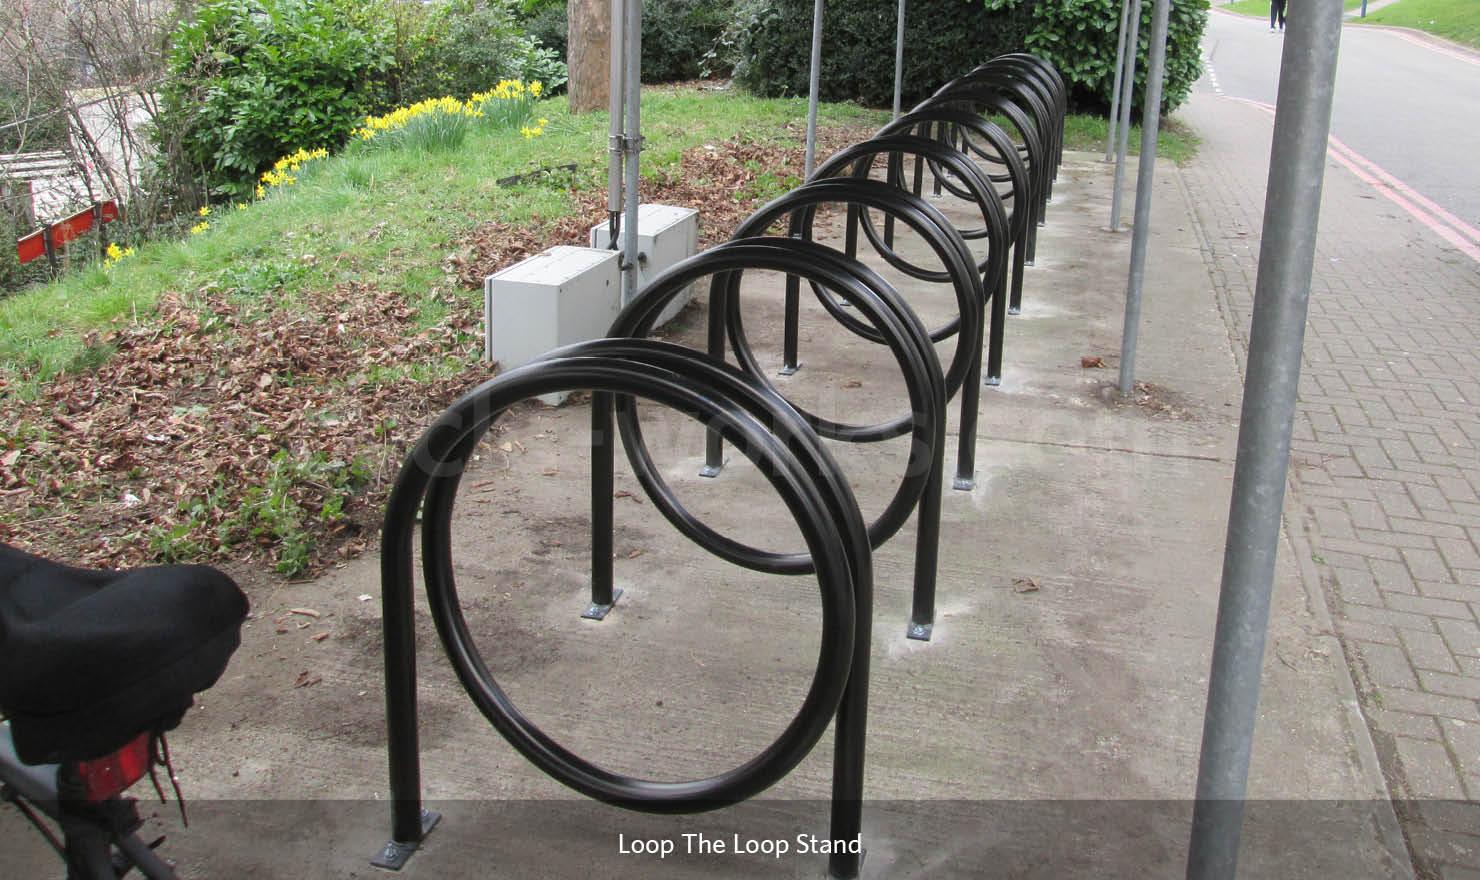 Looped Bike Stand